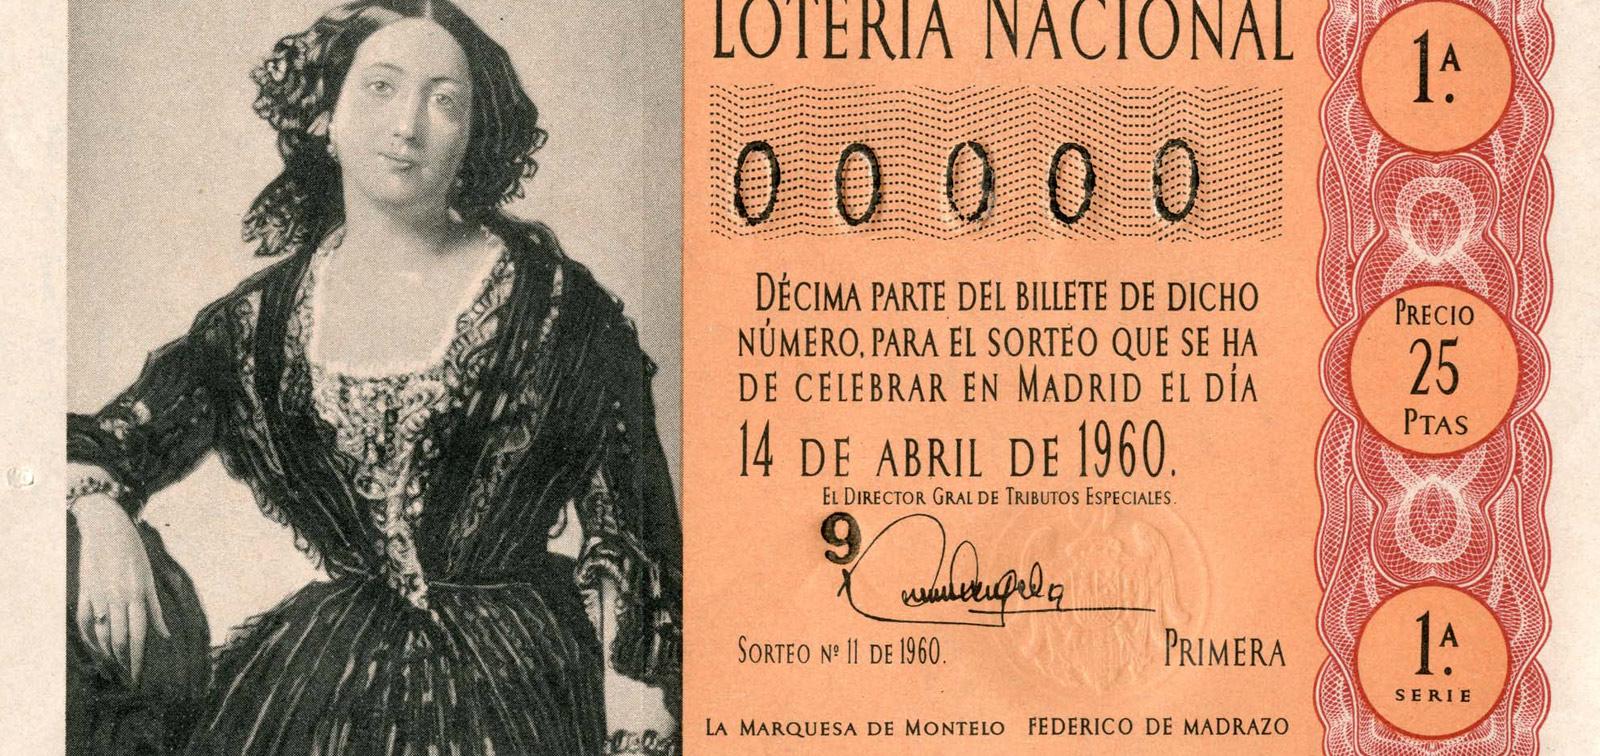 <em>De la Real Lotería a la Lotería Nacional: El Museo del Prado en los billetes de Lotería</em>